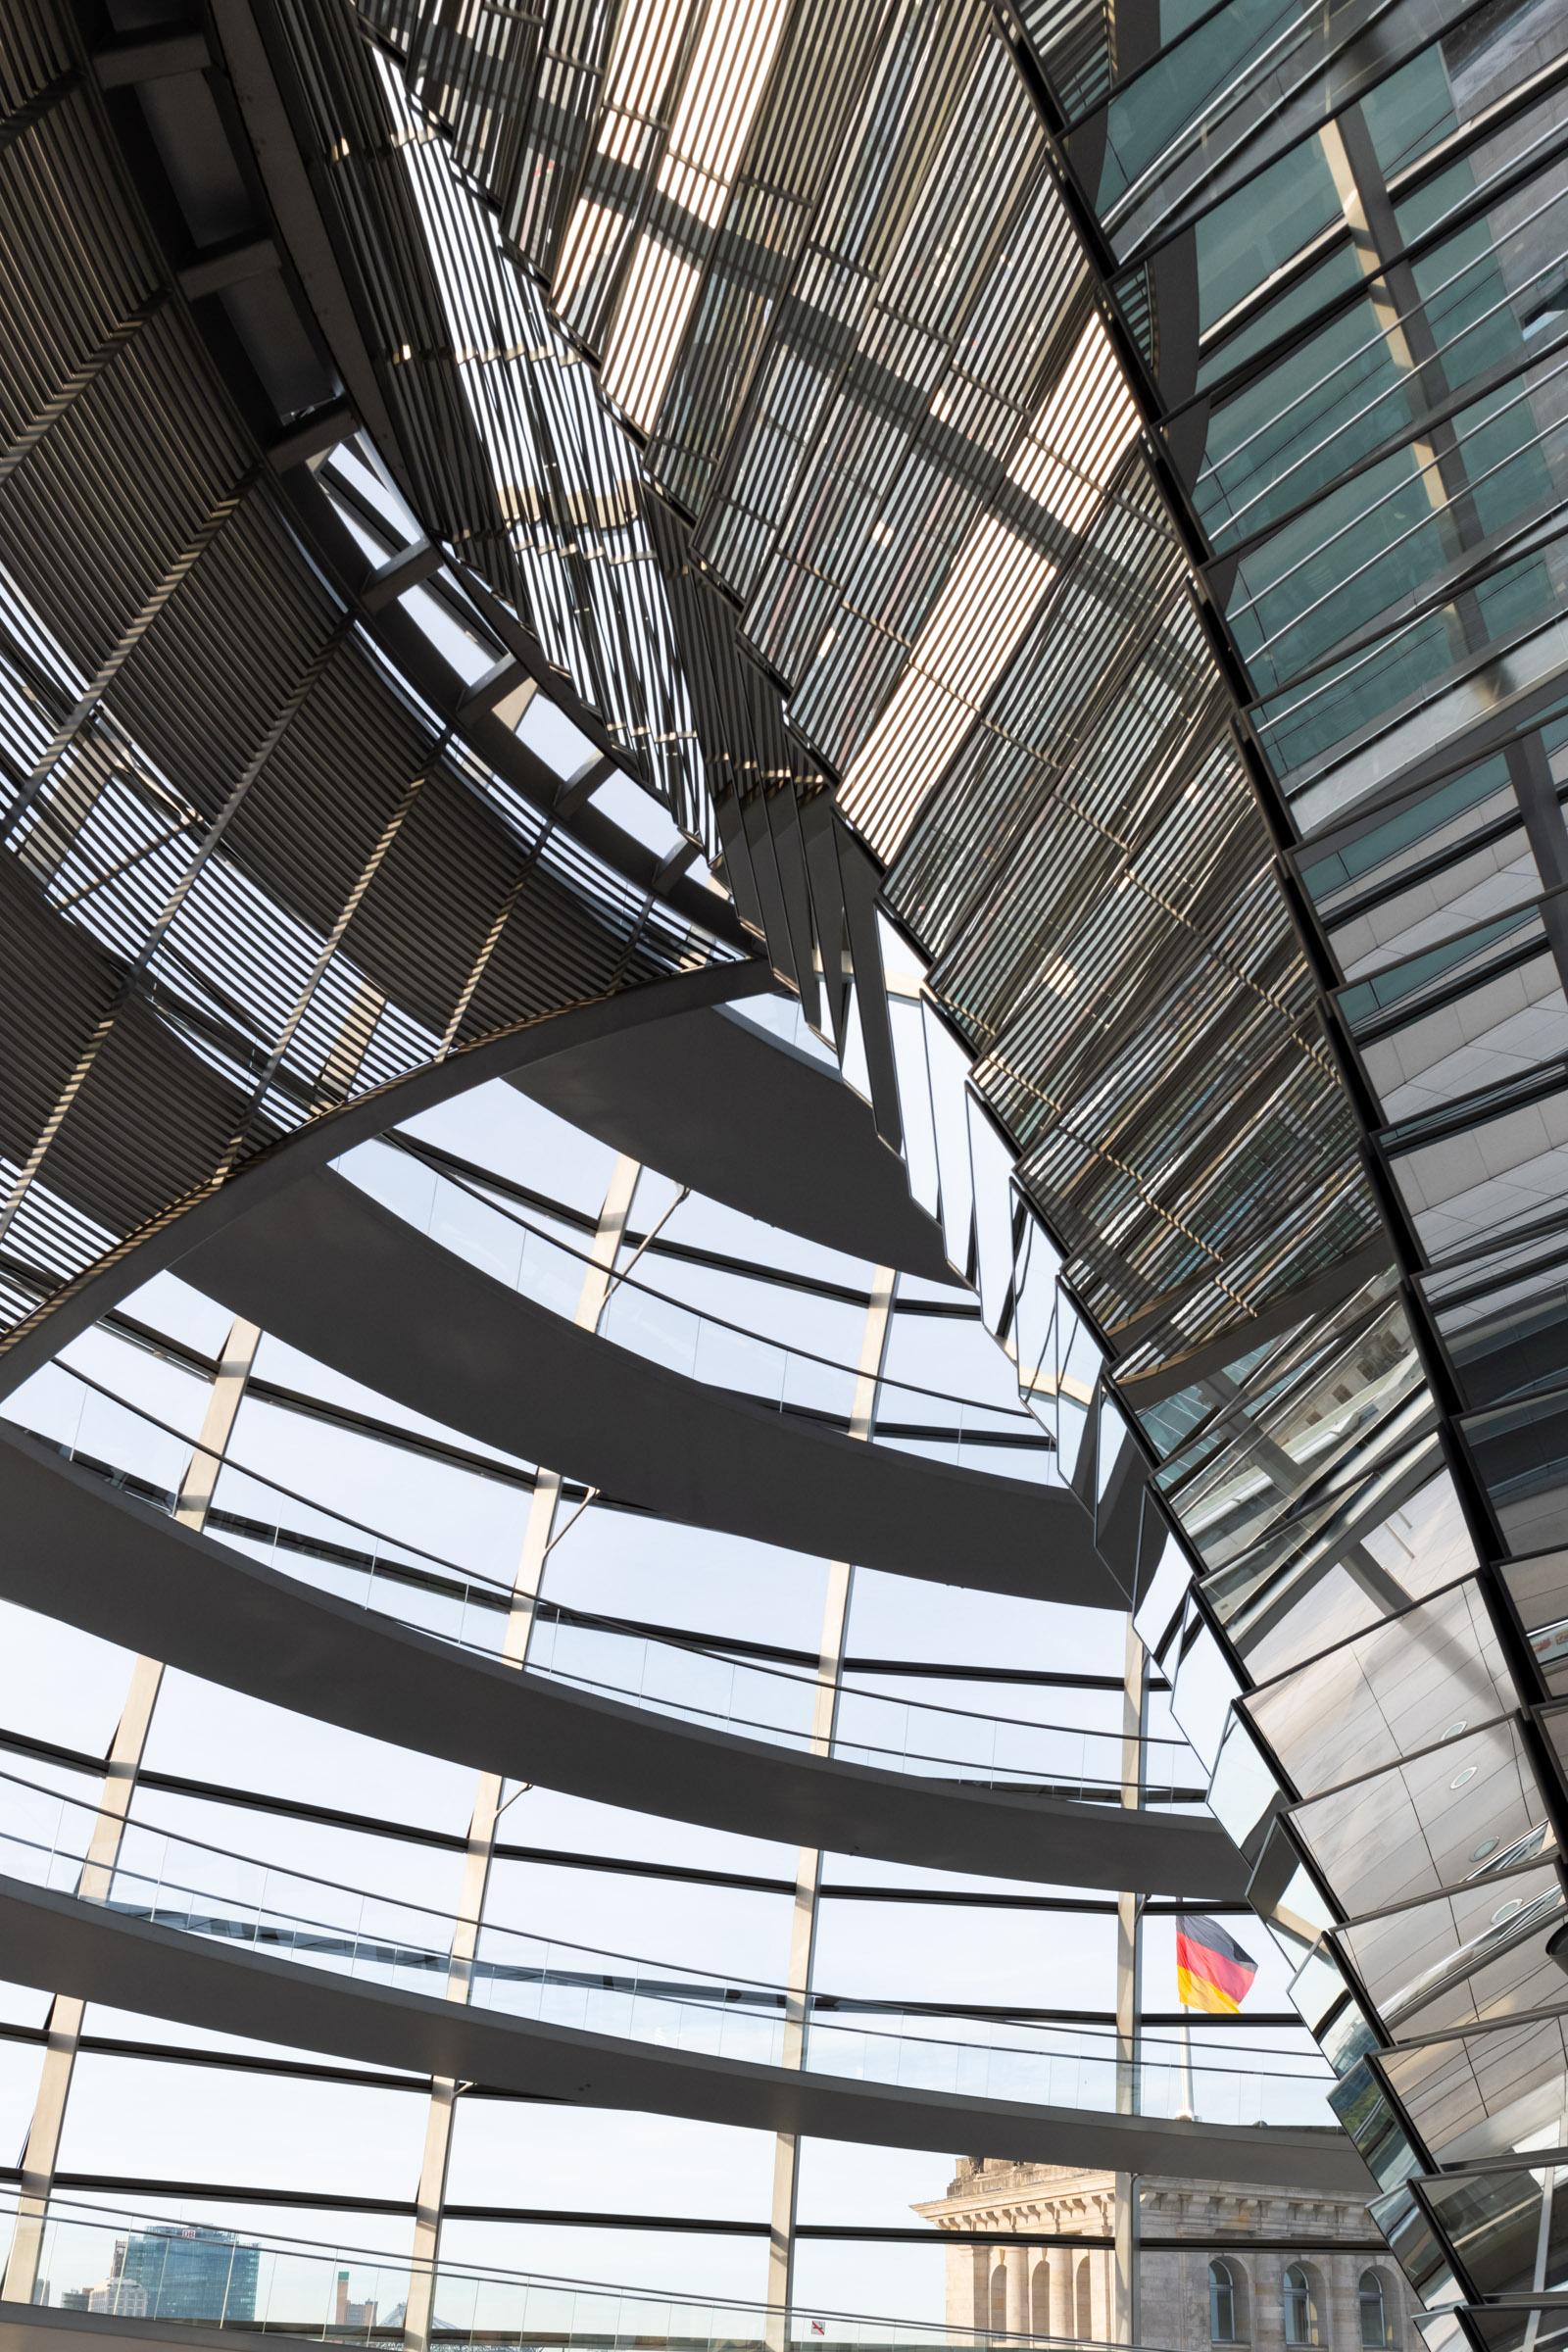 Rampe in der Reichstagskuppel